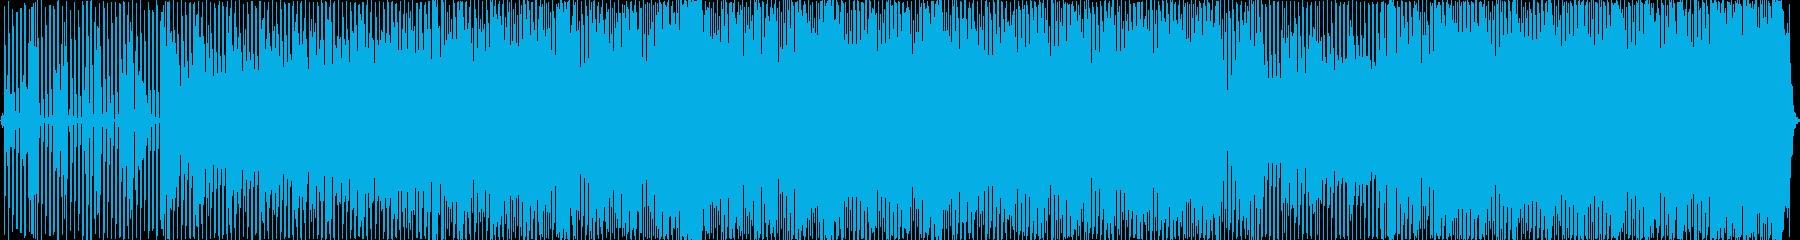 繰り返し、滑らか、のんき、リラック...の再生済みの波形